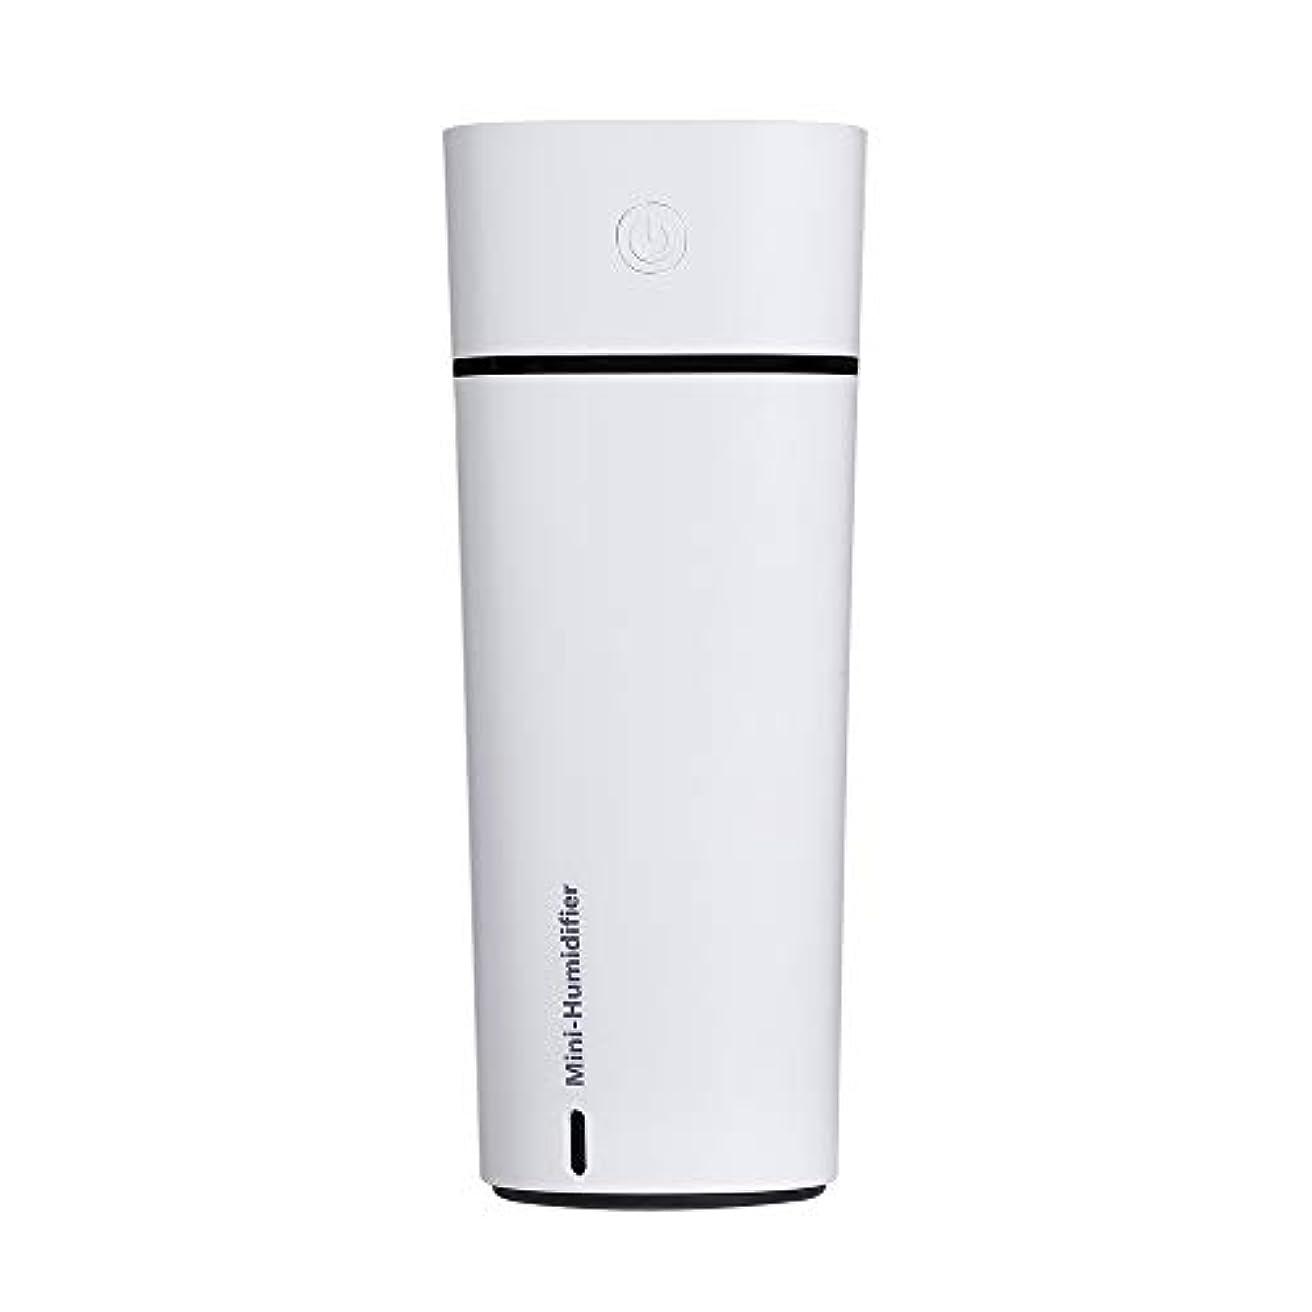 聞きますキャンプ不利Dayman 3 in 1 USBポータブル空気加湿器クーラー、ミニファン、空気清浄機のリフレッシュ、自然な美しさのために水分補給、ノイズフリーのアンチドライテクノロジーデスク加湿器車のトラベルオフィスの寝室のホテル、240ML...